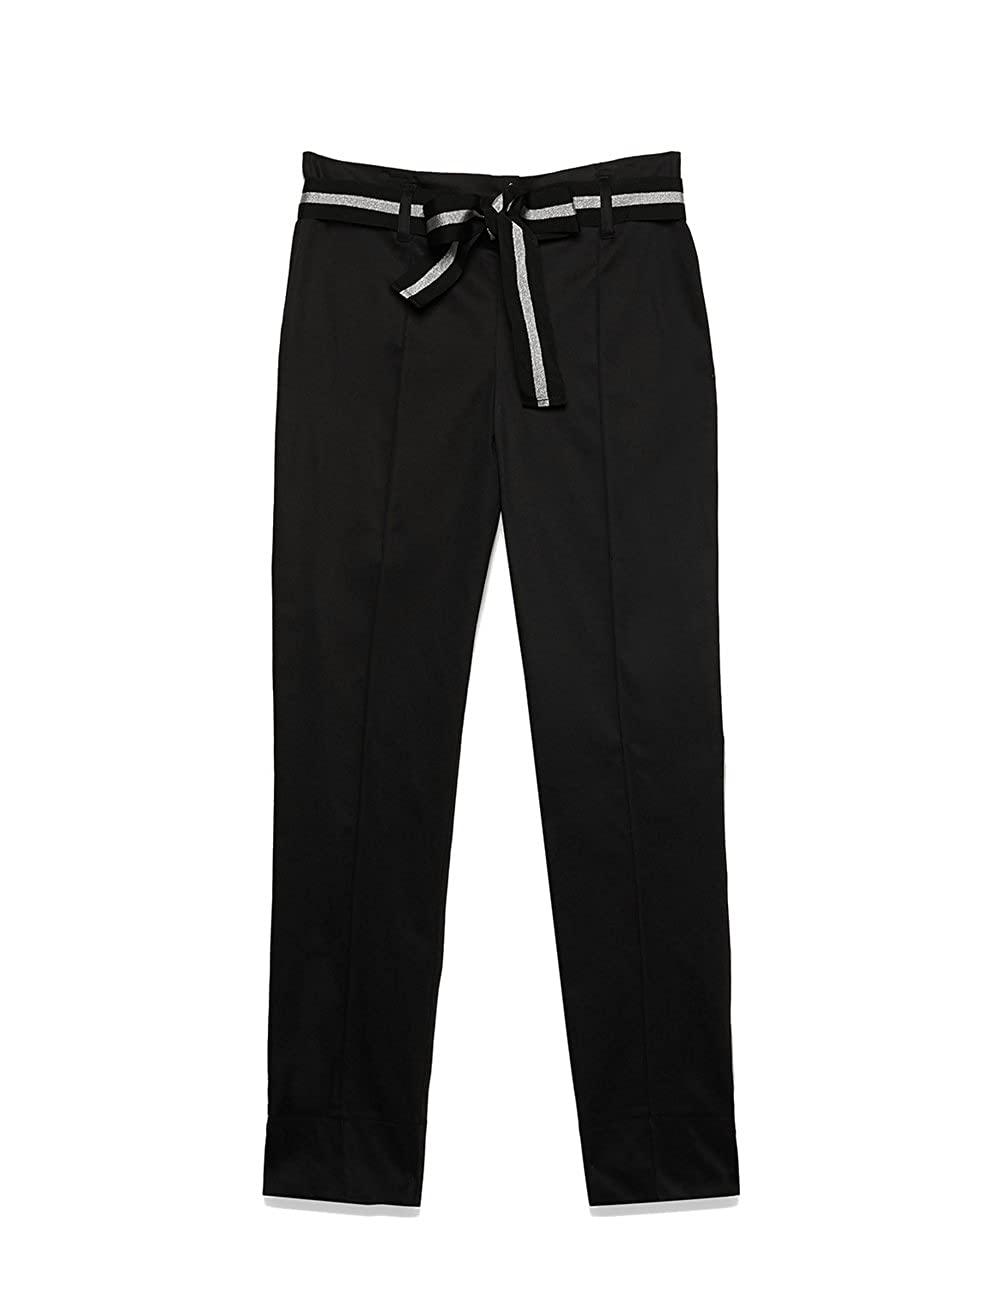 Motivi : Pantaloni alla Caviglia con Fusciacca. Made in Italy (Italian Size)